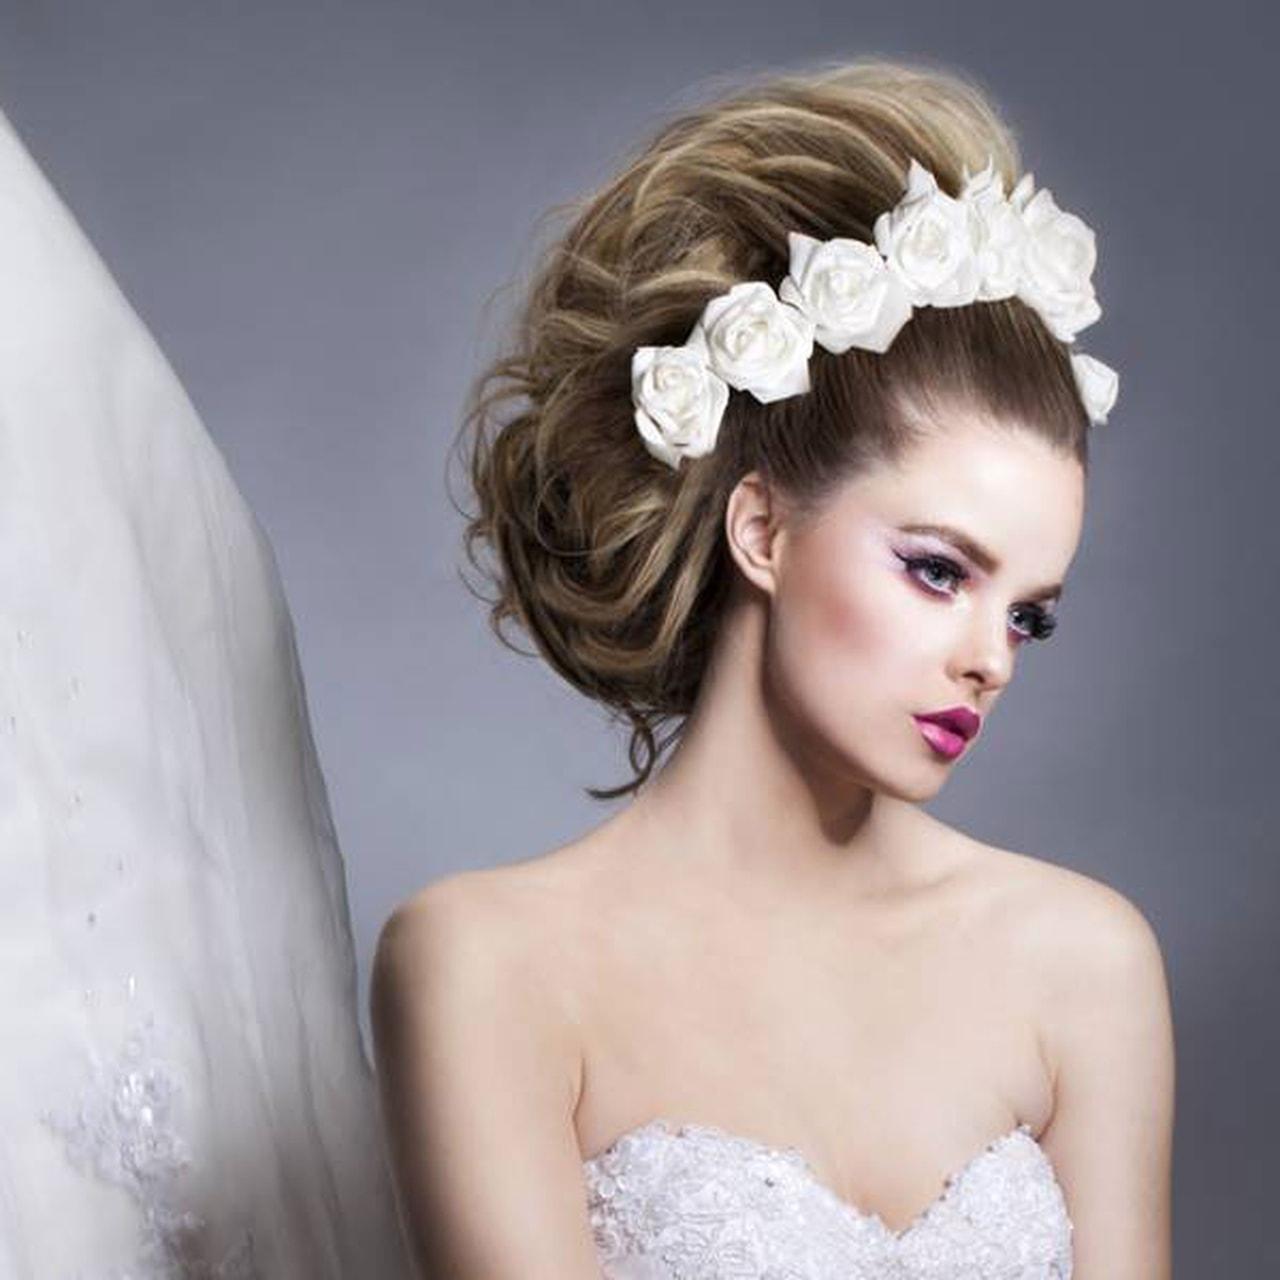 بالصور اجمل شعر في العالم , اروع الاطلالات لتسريحات وقصات الشعر 840 10